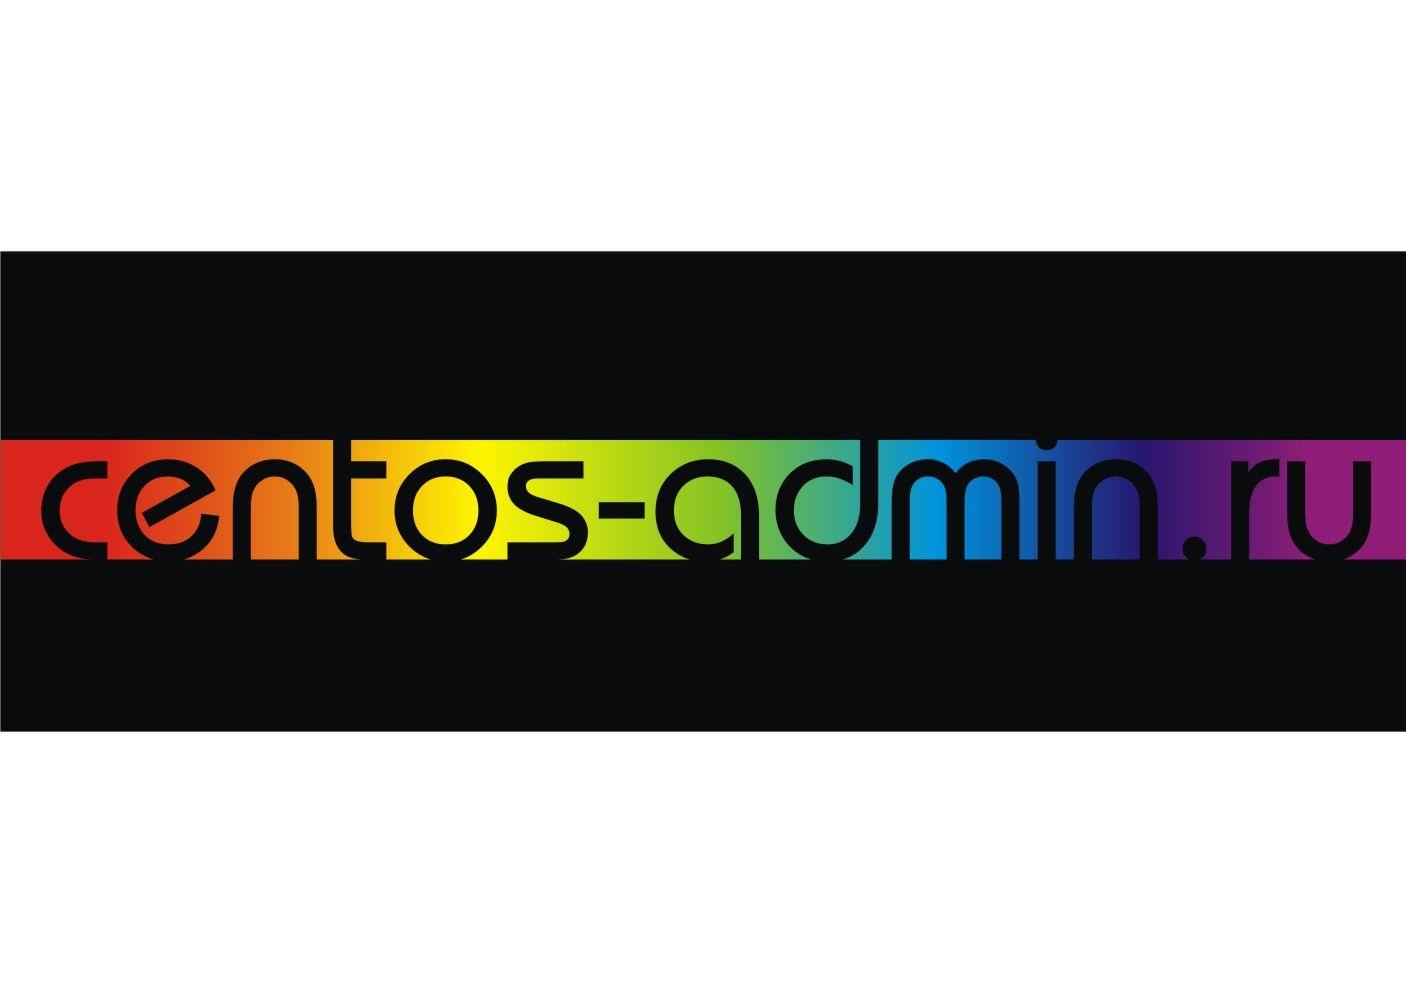 Логотип для компании Centos-admin.ru - дизайнер Mlada88